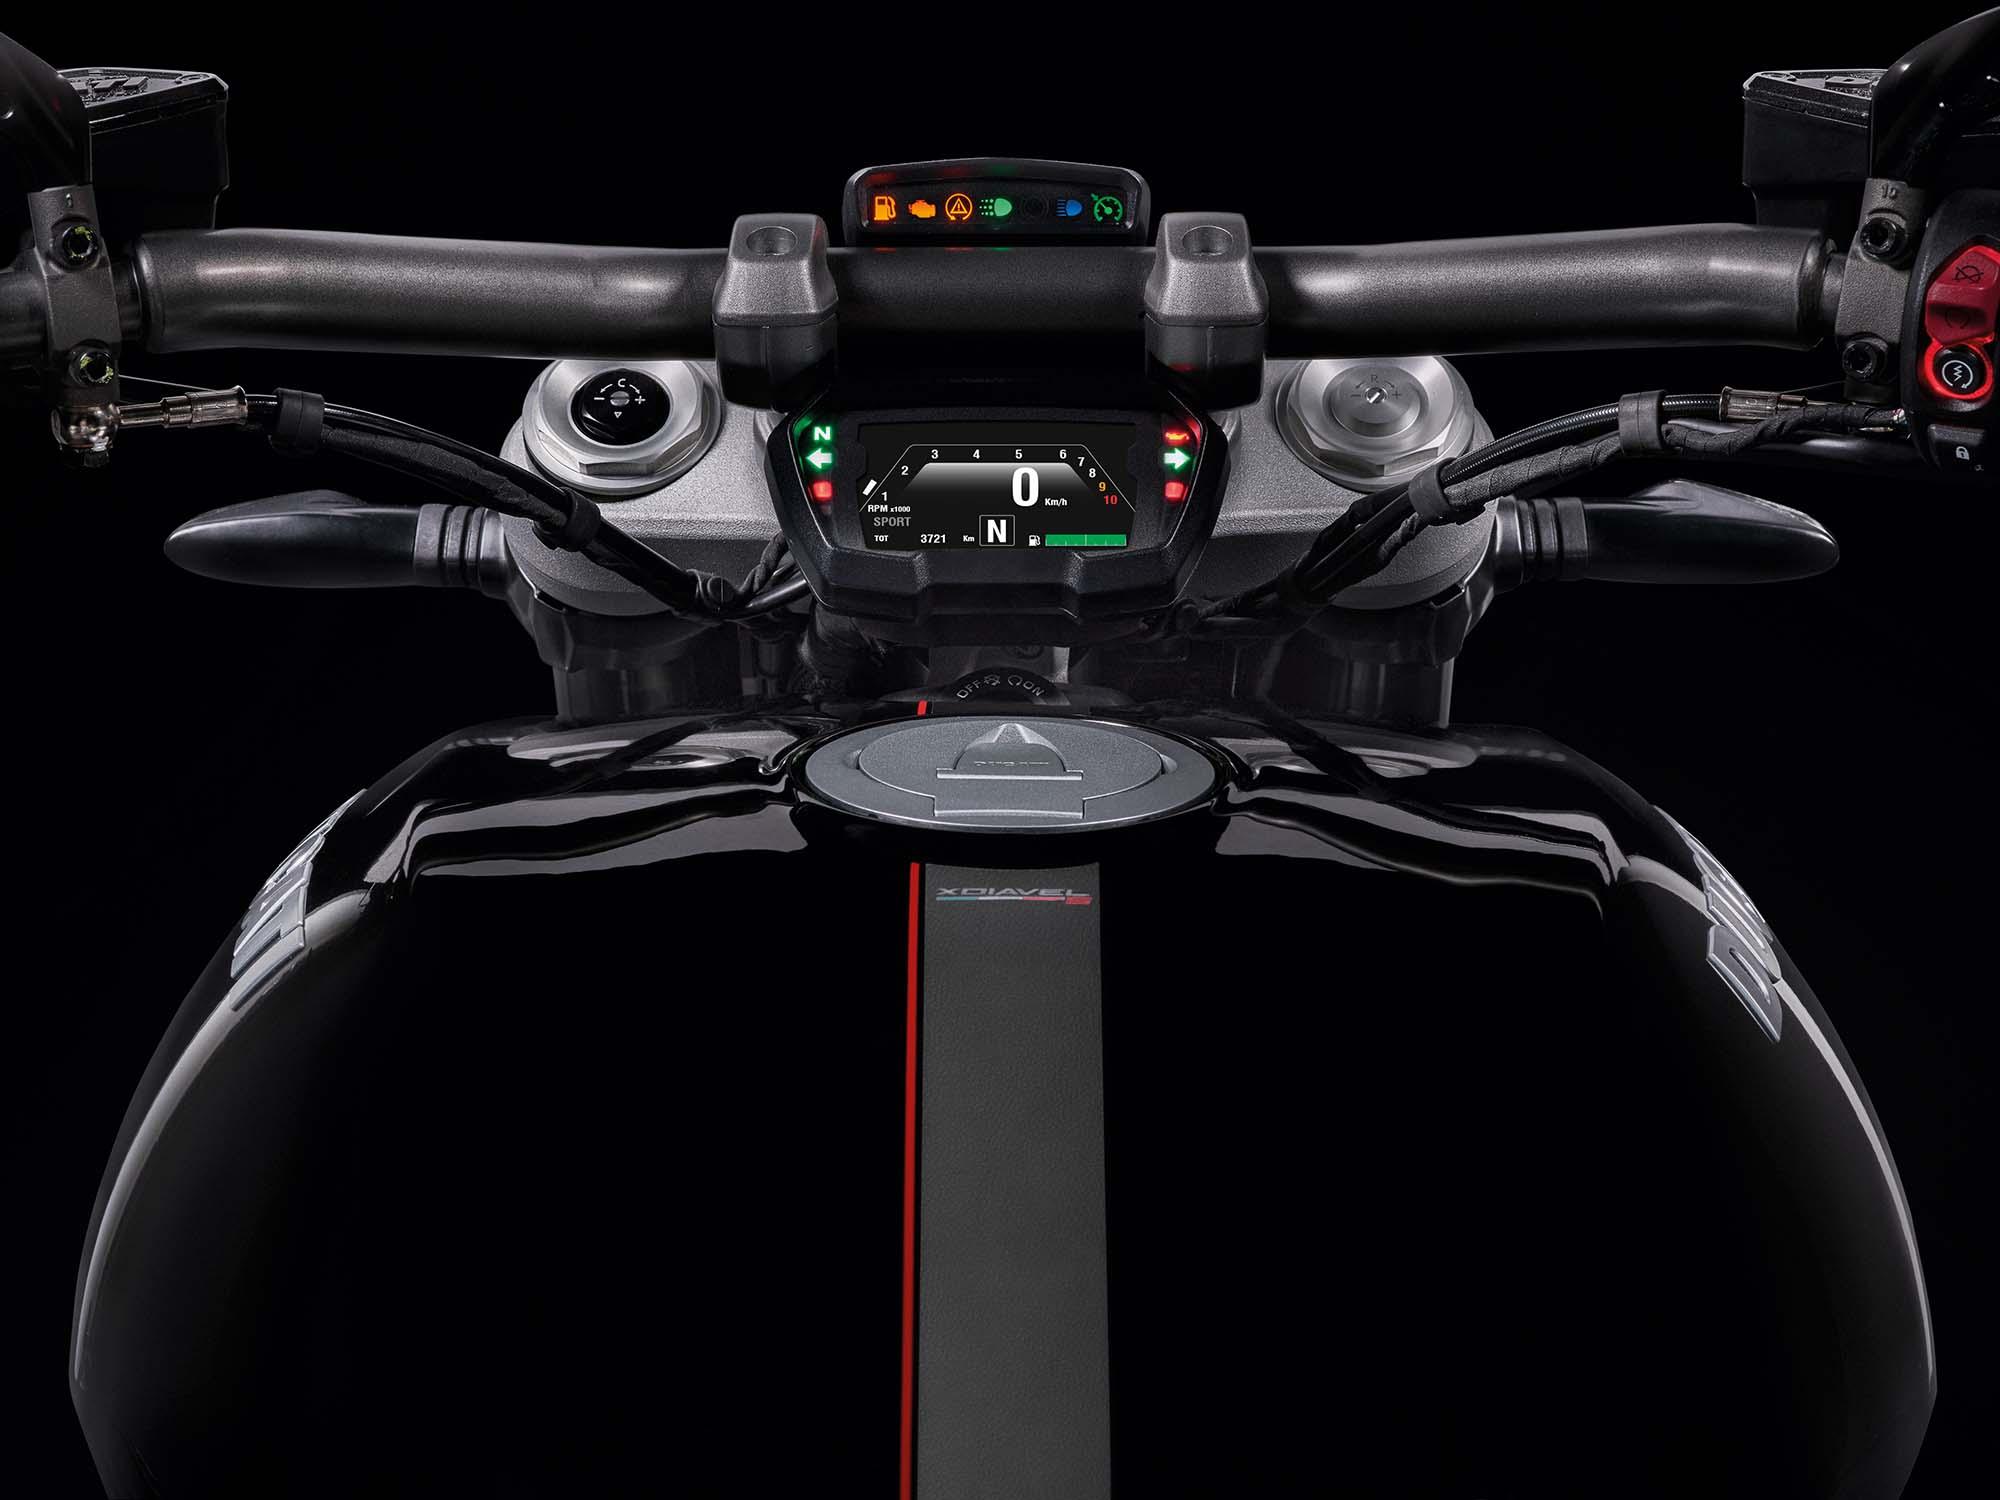 http://i2.wp.com/www.asphaltandrubber.com/wp-content/uploads/2015/11/2016-Ducati-XDiavel-S-14.jpg